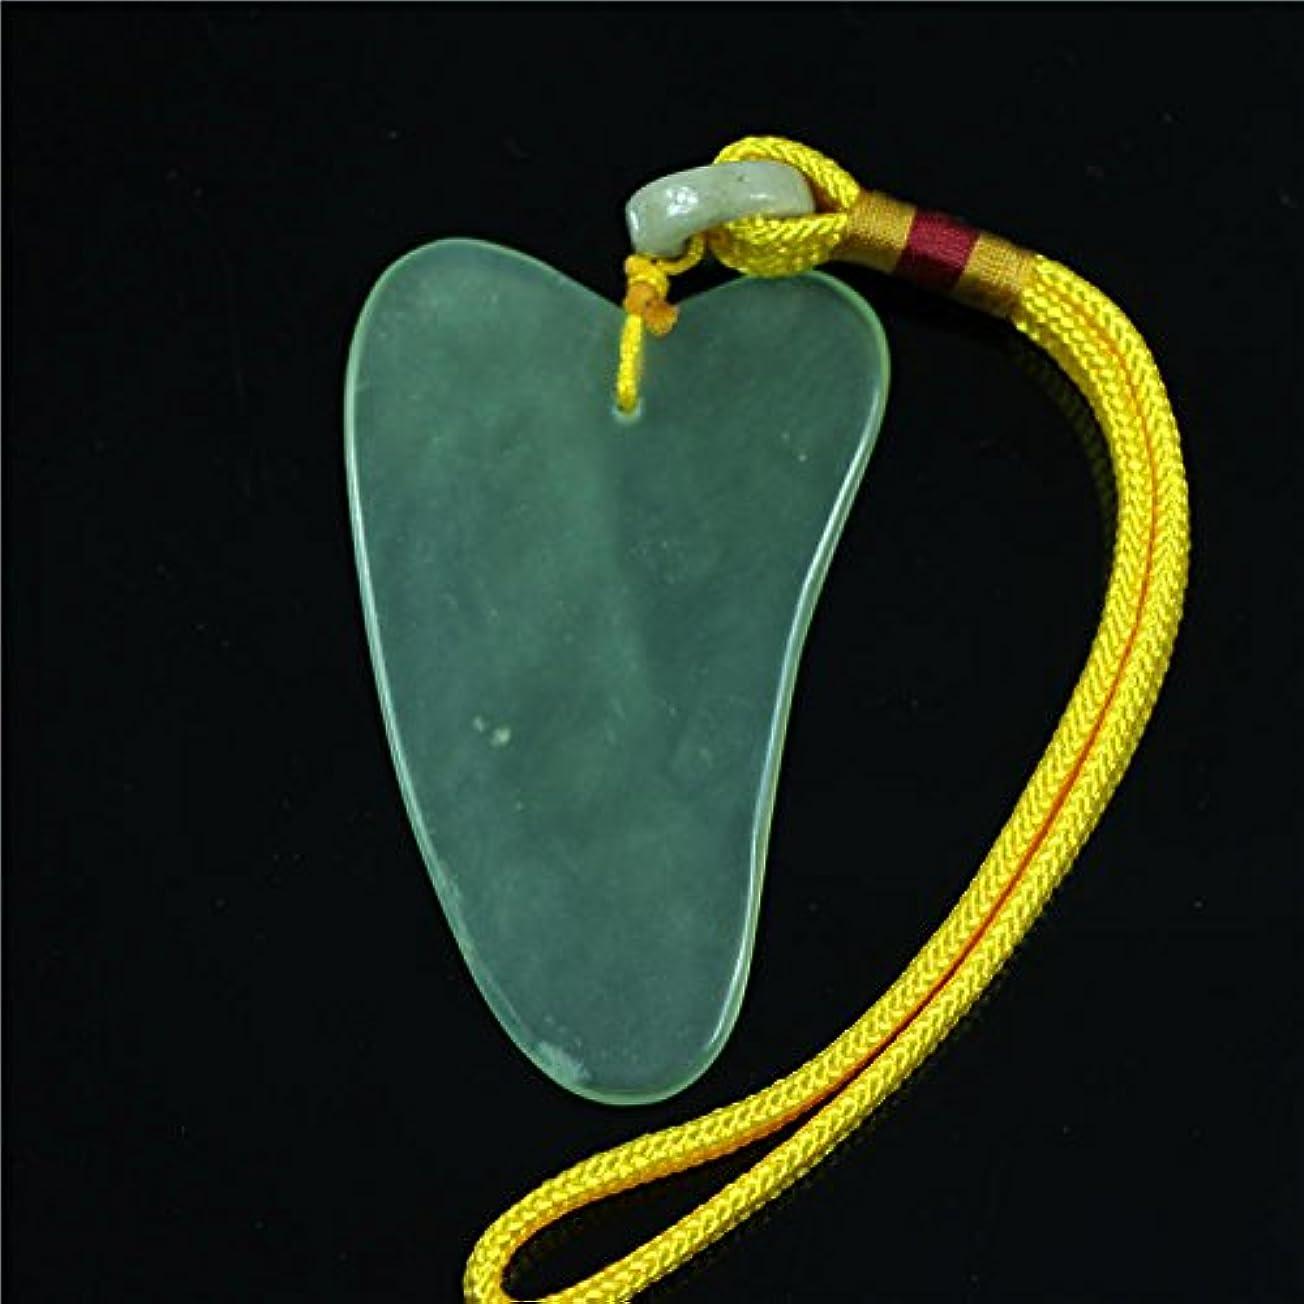 悲観主義者テーブル思い出させるFace / Body Massage Natural Jade Boardかっさプレート 天然石 翡翠(顔?ボディのリンパマッサージ) (かっさプレートH)